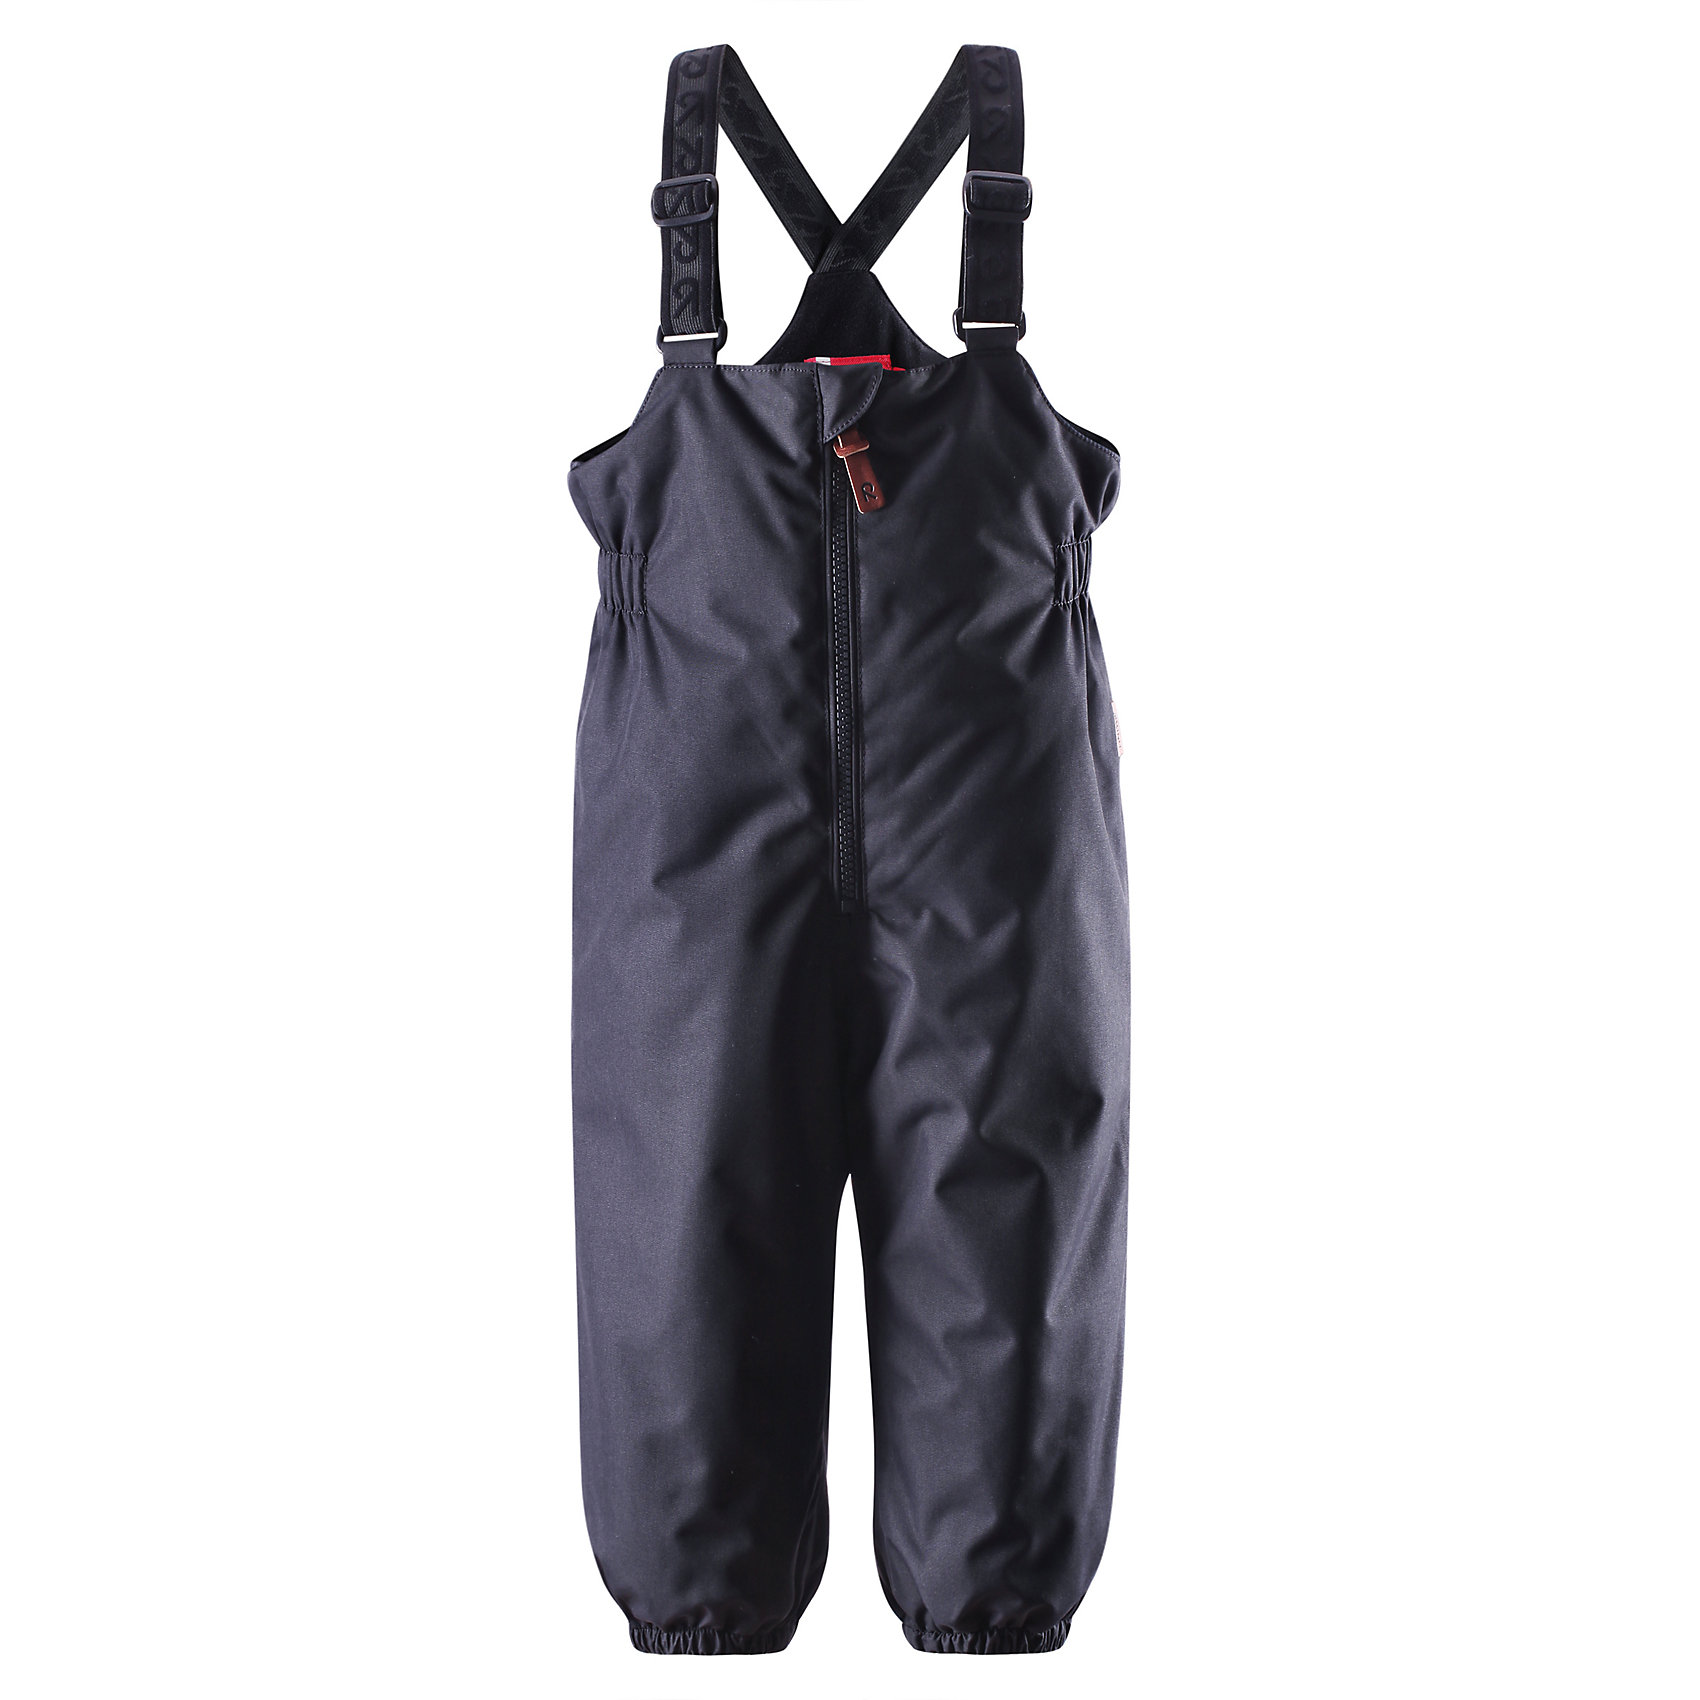 Брюки для мальчика ReimaЭти популярные у малышей брюки из коллекции ORIGINAL от Reima (Рейма) так и зовут повеселиться в зимний денёк! Эти великолепные практичные брюки подходят для всех видов зимнего отдыха на свежем воздухе. Дети не вспотеют играя в водонепроницаемых, пропускающих воздух брюках. Поверхность материала отталкивает воду и грязь. Завышенная талия и регулируемые подтяжки гарантируют, что брюки будут сидеть по фигуре, а длинная молния спереди облегчит одевание. Благодаря дополнительно утеплённой задней части брюк, малыши не замёрзнут катаясь на санках и скользя в снегу. Эластичные штрипки удержат концы брючин на своём месте во время прогулки. Эти надёжные брюки теперь можно приобрести в великолепных модных в этом сезоне расцветках!<br><br> Водонепроницаемые зимние брюки для малышей в стиле ORIGINAL<br> Основные швы проклеены, водонепроницаемы<br> Регулируемые подтяжки<br> Длинная молния спереди<br> Дополнительно утеплённая задняя часть брюк<br> Съёмные эластичные штрипки<br>Состав:<br>100% ПЭ, ПУ-покрытие<br>Средняя степень утепления (до - 20)<br>Утеплитель: 140 г<br><br>Брюки Reima (Рейма) можно купить в нашем магазине.<br><br>Ширина мм: 215<br>Глубина мм: 88<br>Высота мм: 191<br>Вес г: 336<br>Цвет: черный<br>Возраст от месяцев: 18<br>Возраст до месяцев: 24<br>Пол: Мужской<br>Возраст: Детский<br>Размер: 92,98,86,80,74<br>SKU: 4208239